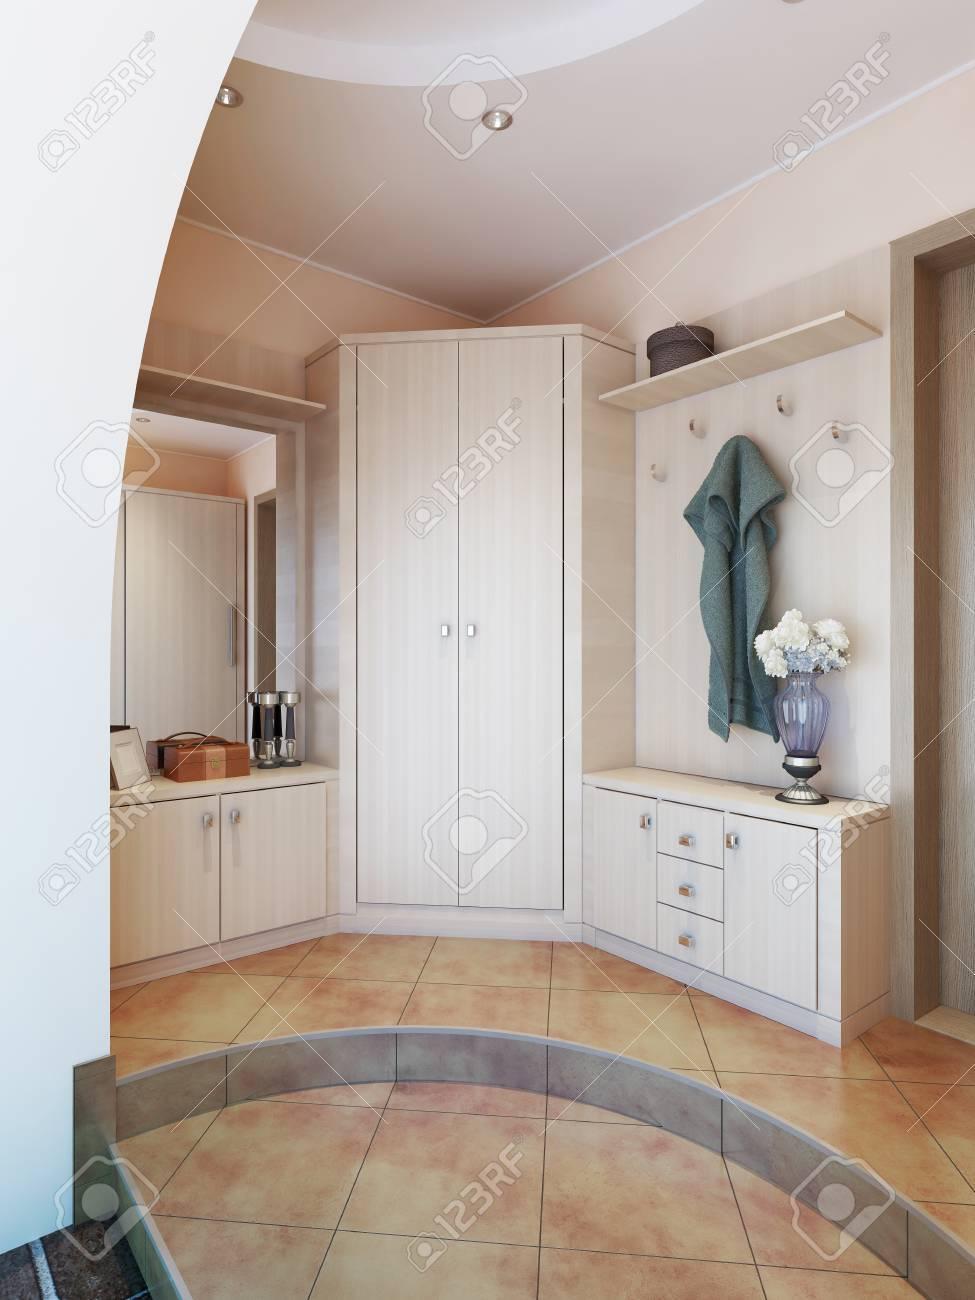 Grand Miroir D Entrée hall d'entrée dans un style moderne avec des cintres, une table miroir  dressing et un grand placard coulissant. rendu 3d.